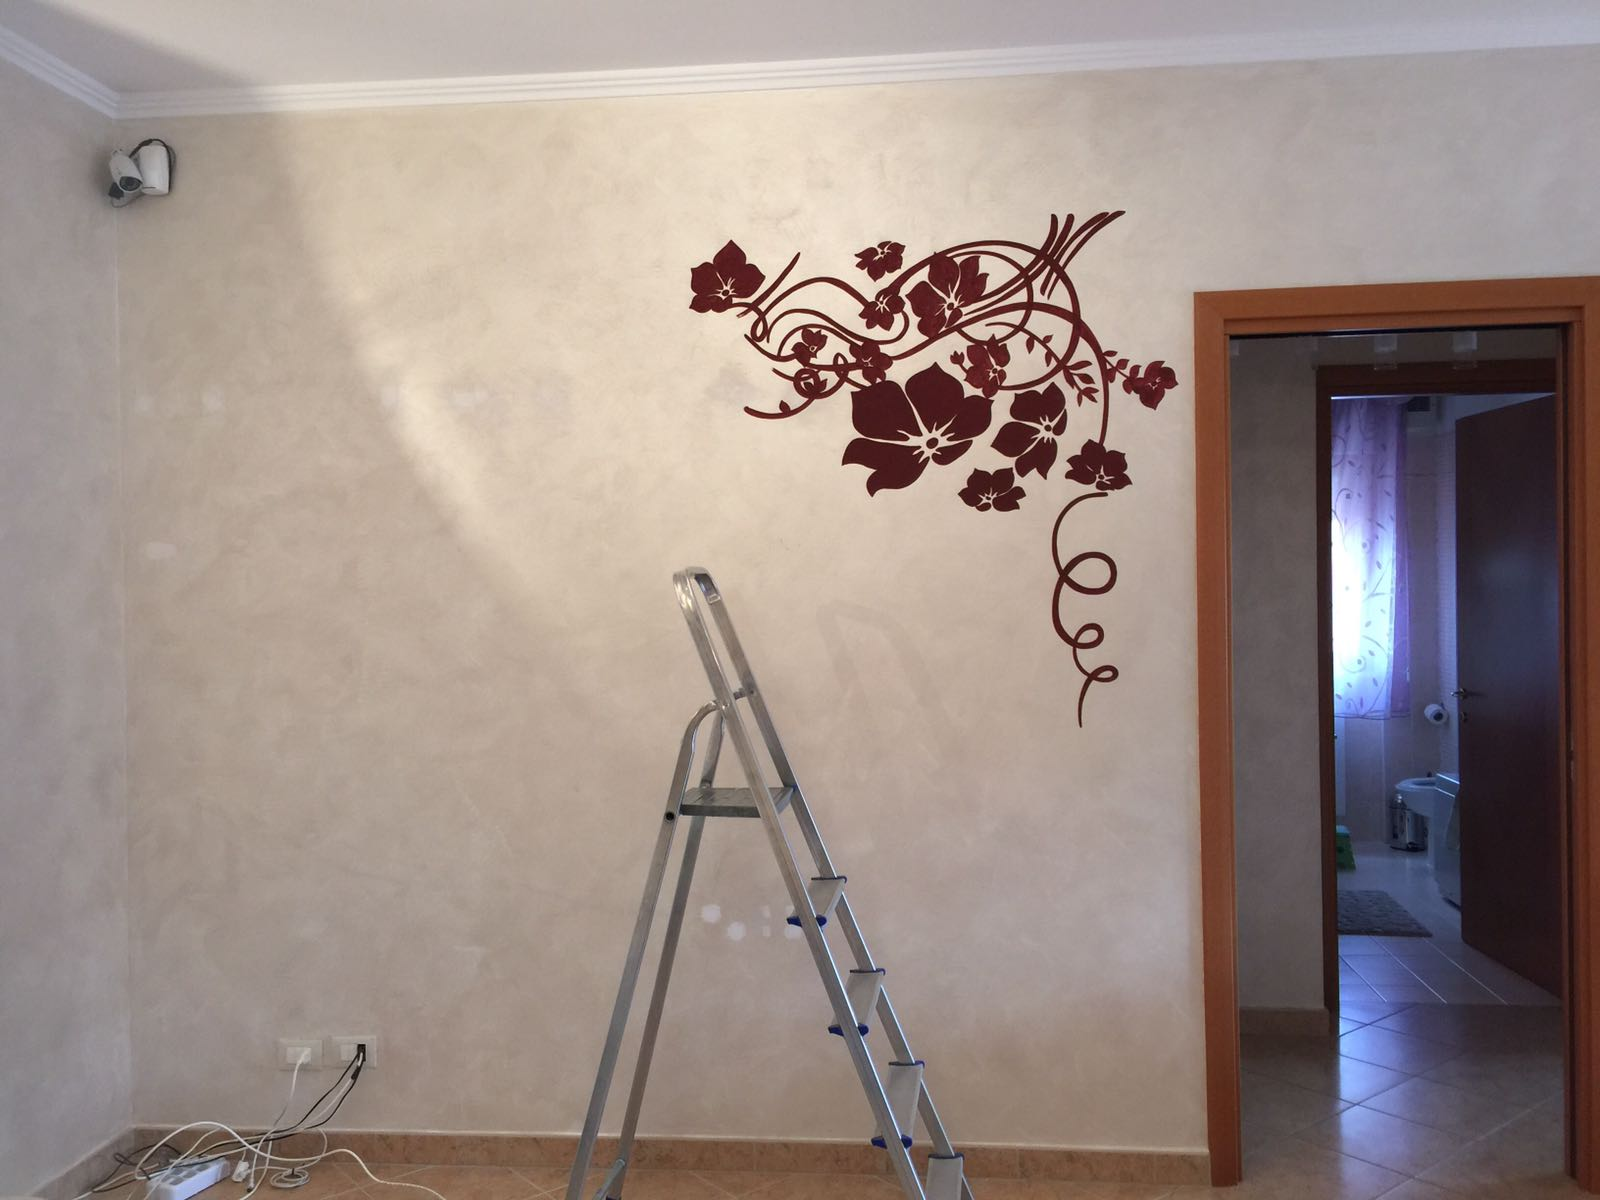 Decorazione parete - Fiori